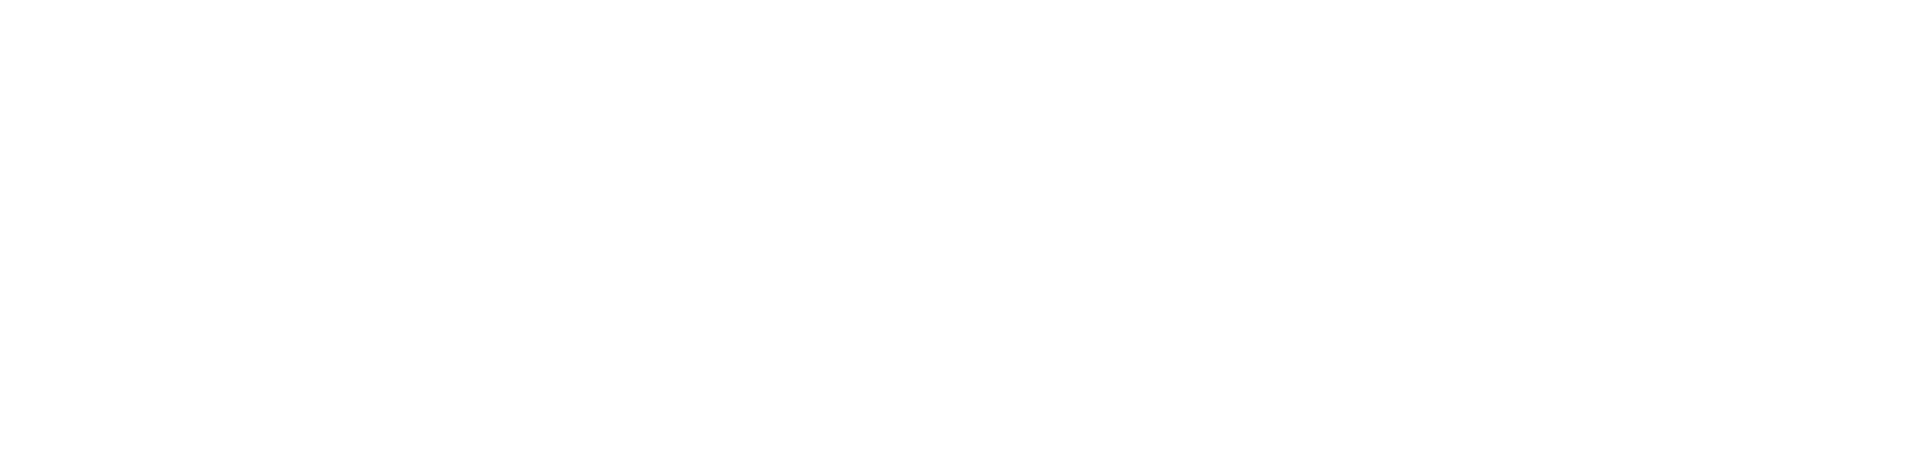 A campanha Acniben é uma promoção válida de 25 a 31 de outubro de 2021 e limitada ao stock existente.